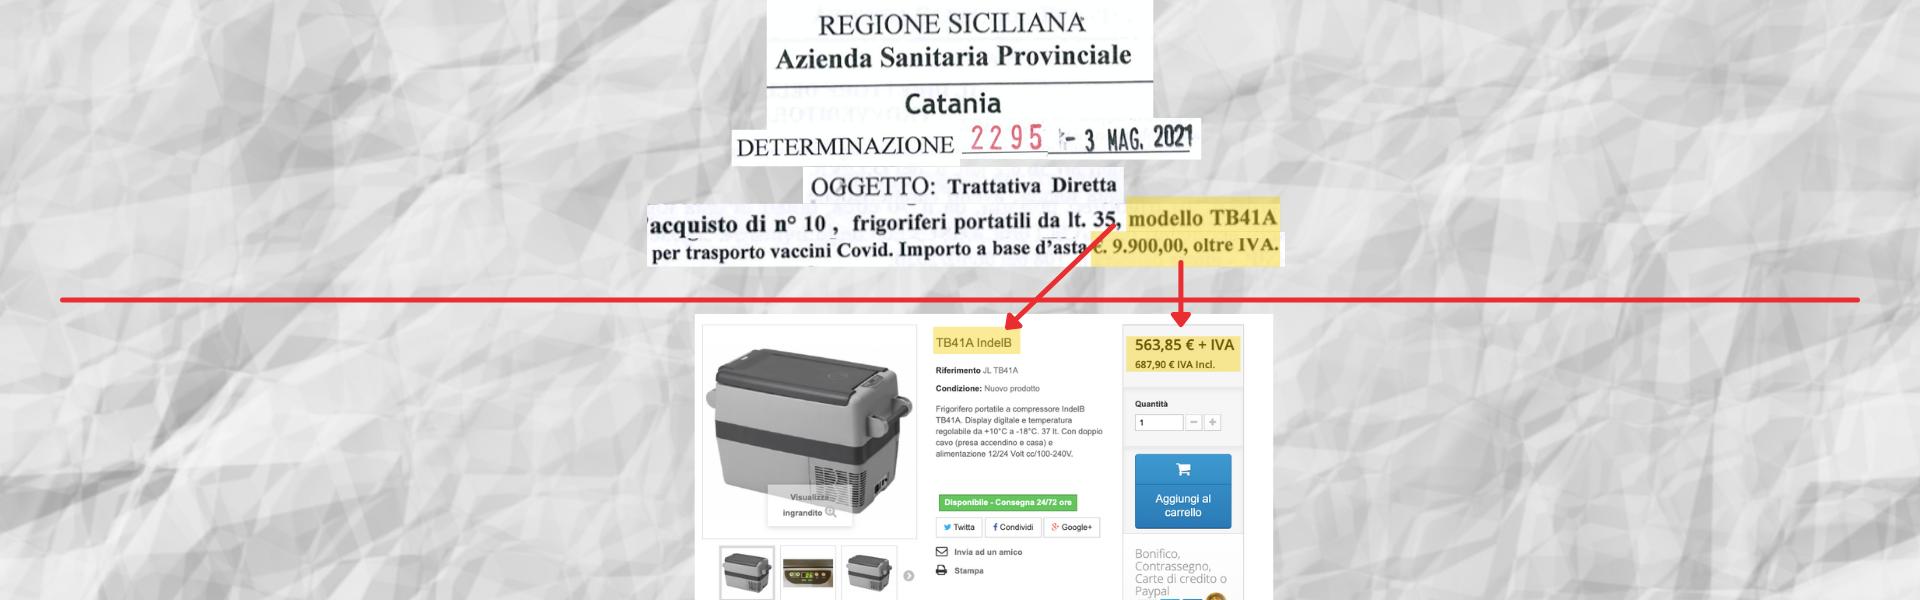 """Carabinieri fanno luce sulla spedizione punitiva dei """"Cursoti"""" a Librino con 2 morti: 14 arresti"""